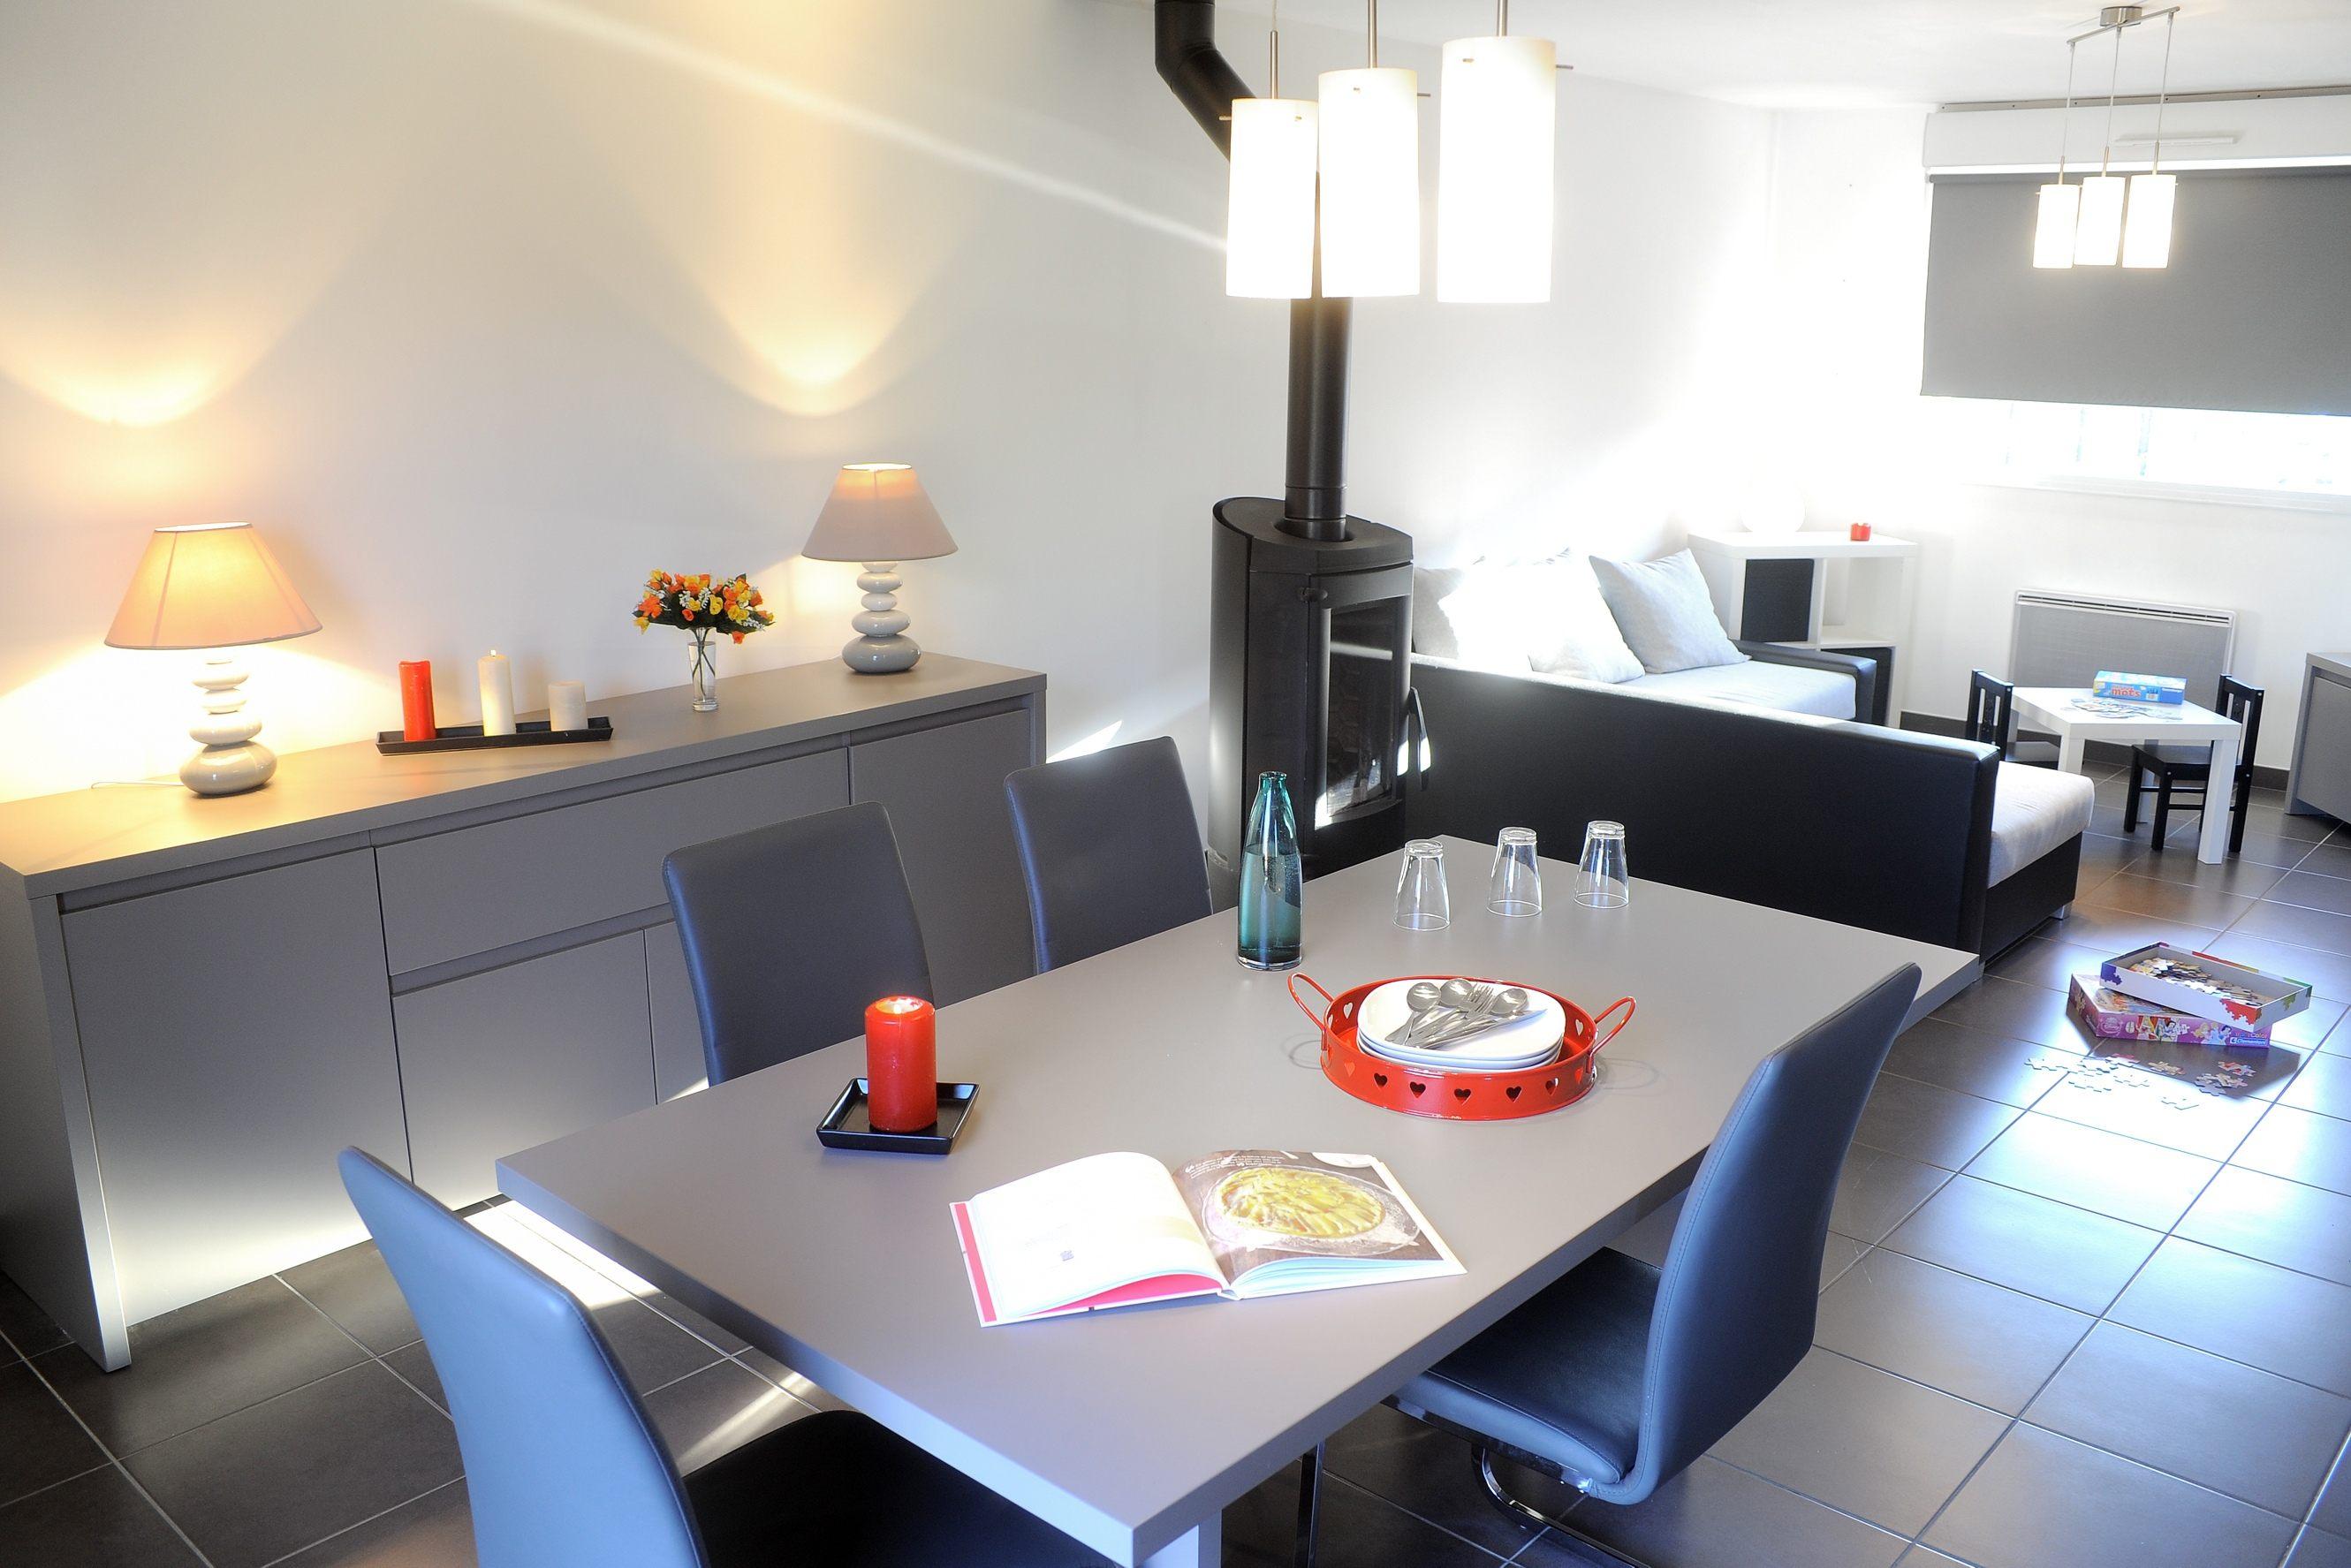 Maisons + Terrains du constructeur MAISON FAMILIALE HERBLAY • 100 m² • BERNES SUR OISE